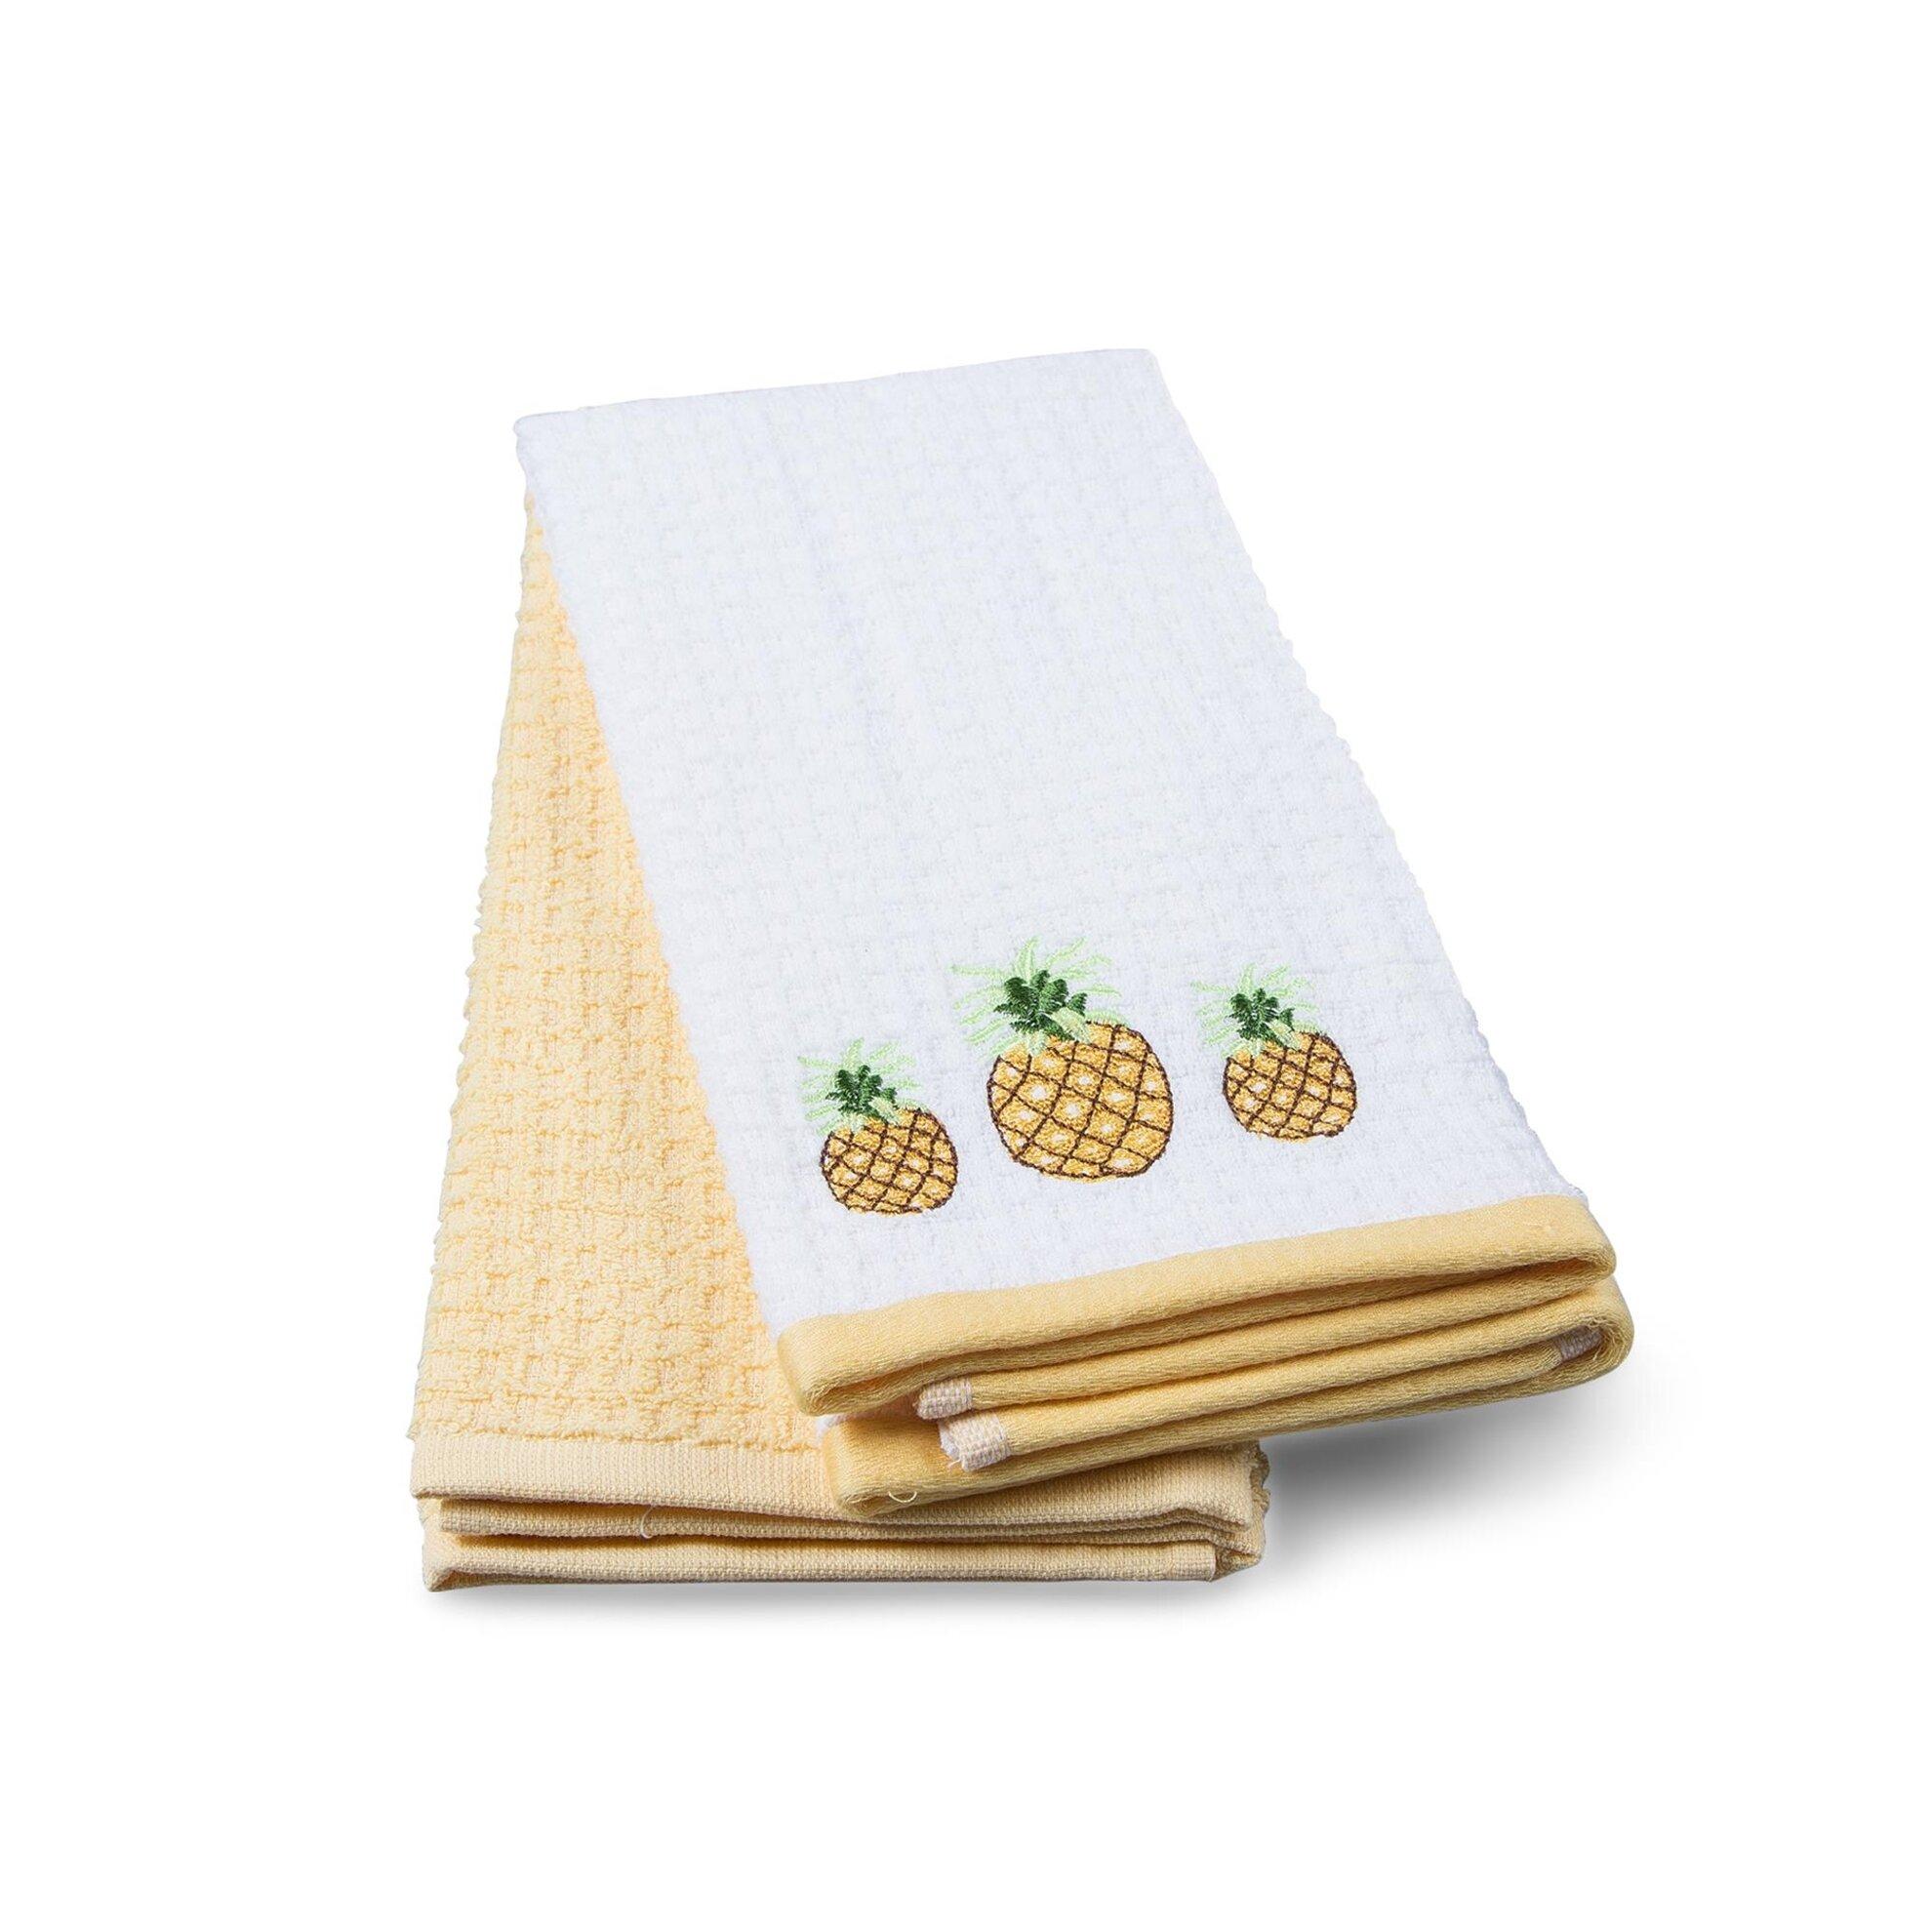 resm Taç Pineapple Pamuk Mutfak Havlusu Sarı